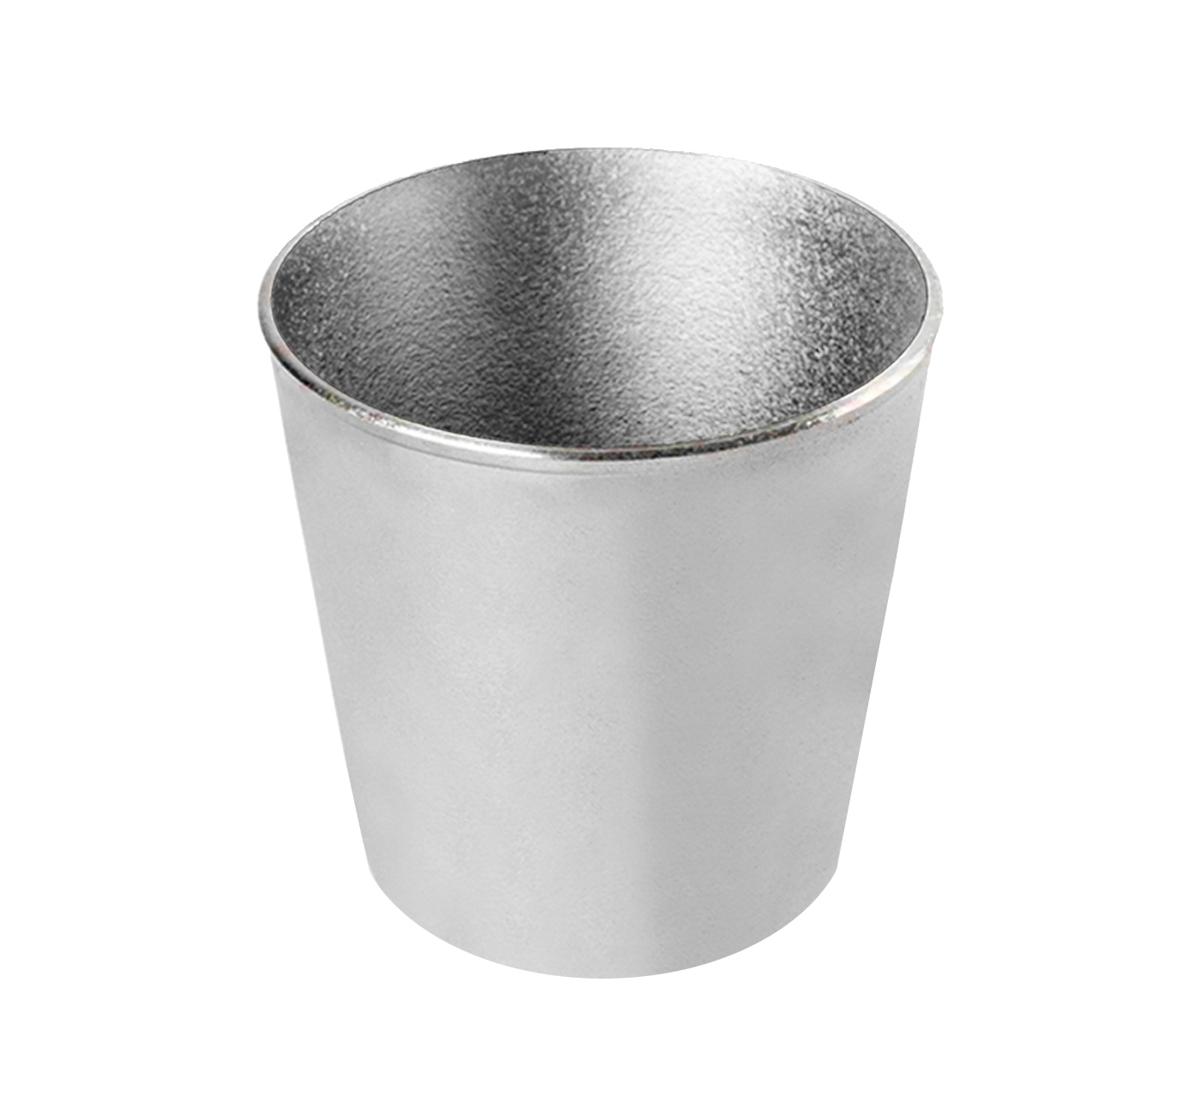 Форма для кулича Биол, 1 лФК02Форма для кулича Биол изготовлена из прочного алюминия. Изделие специально предназначено для приготовления кулича. Можно использовать в духовом шкафу. Диаметр (по верхнему краю): 12 см. Диаметр основания: 9 см. Высота стенки: 12 см.